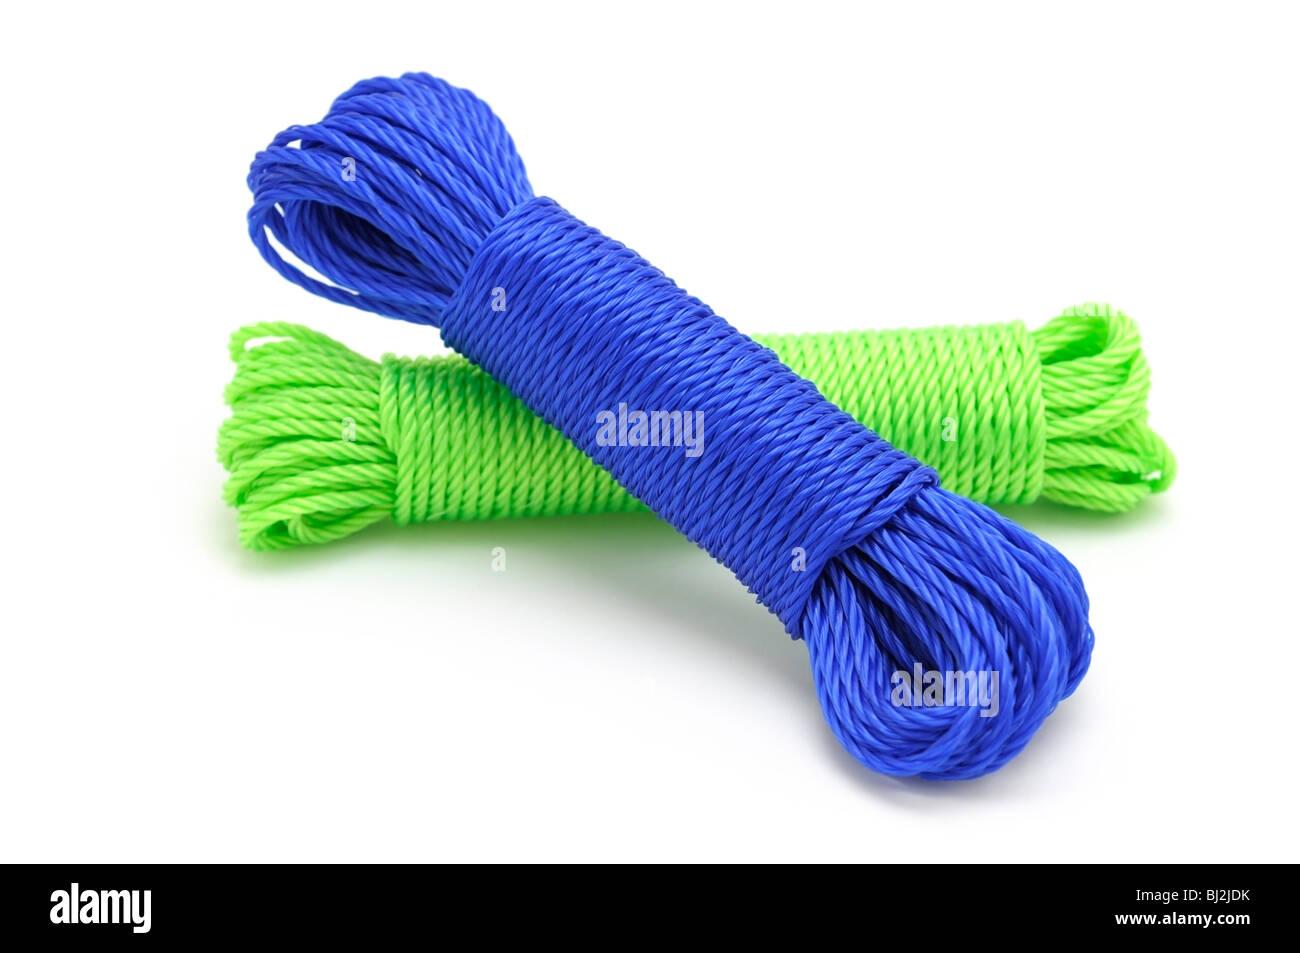 Livré corde en nylon, d'être utilisé comme une corde à linge. Photo Stock